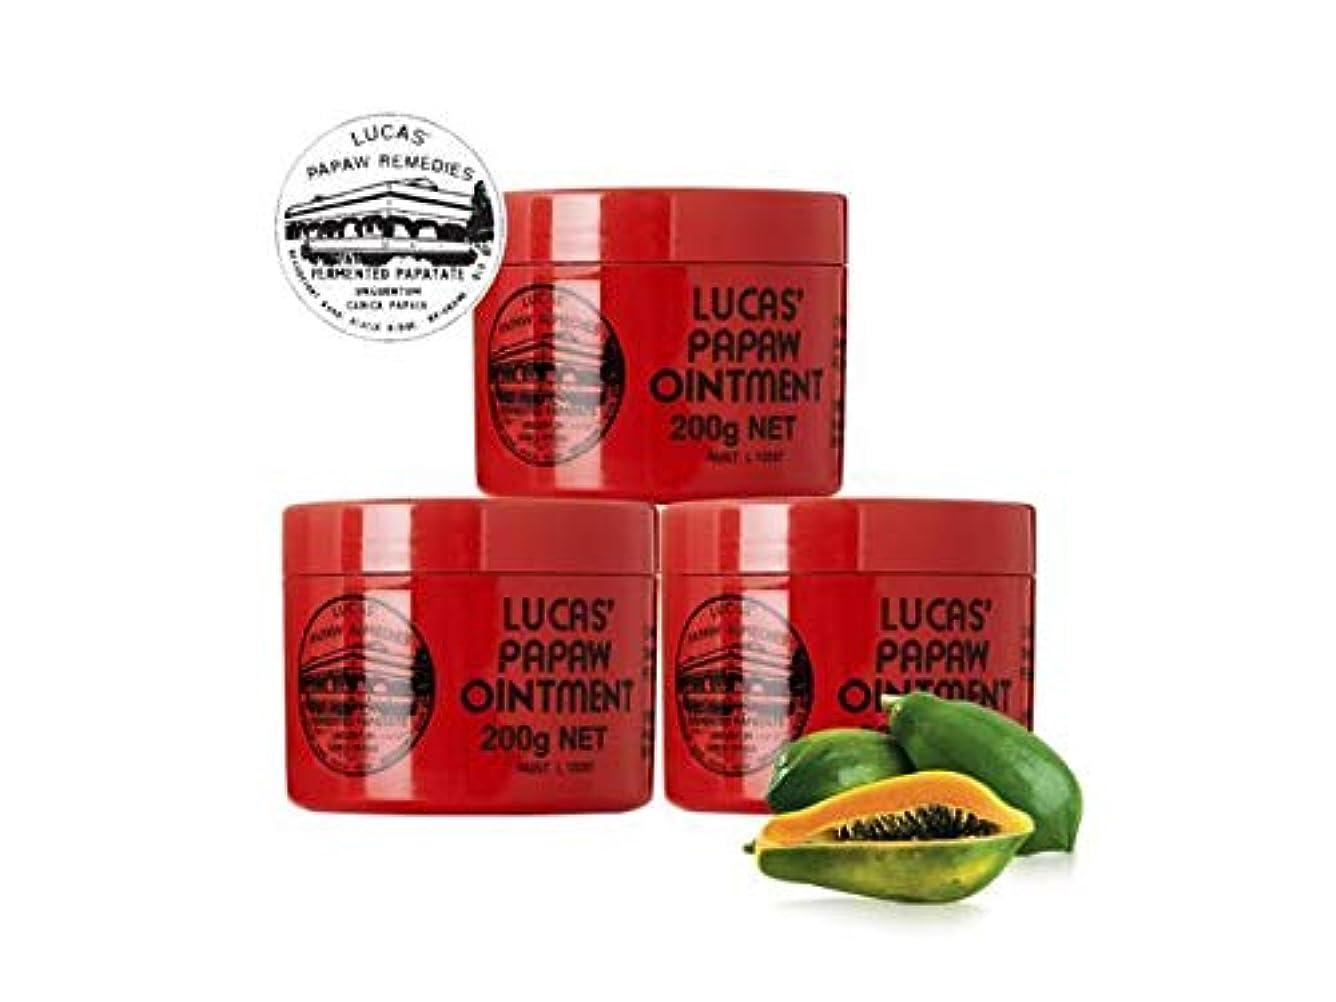 ブラジャー放つ作成する[Lucas' Papaw Ointment] ルーカスポーポークリーム 200gジャーお得3個セット [海外直送品]